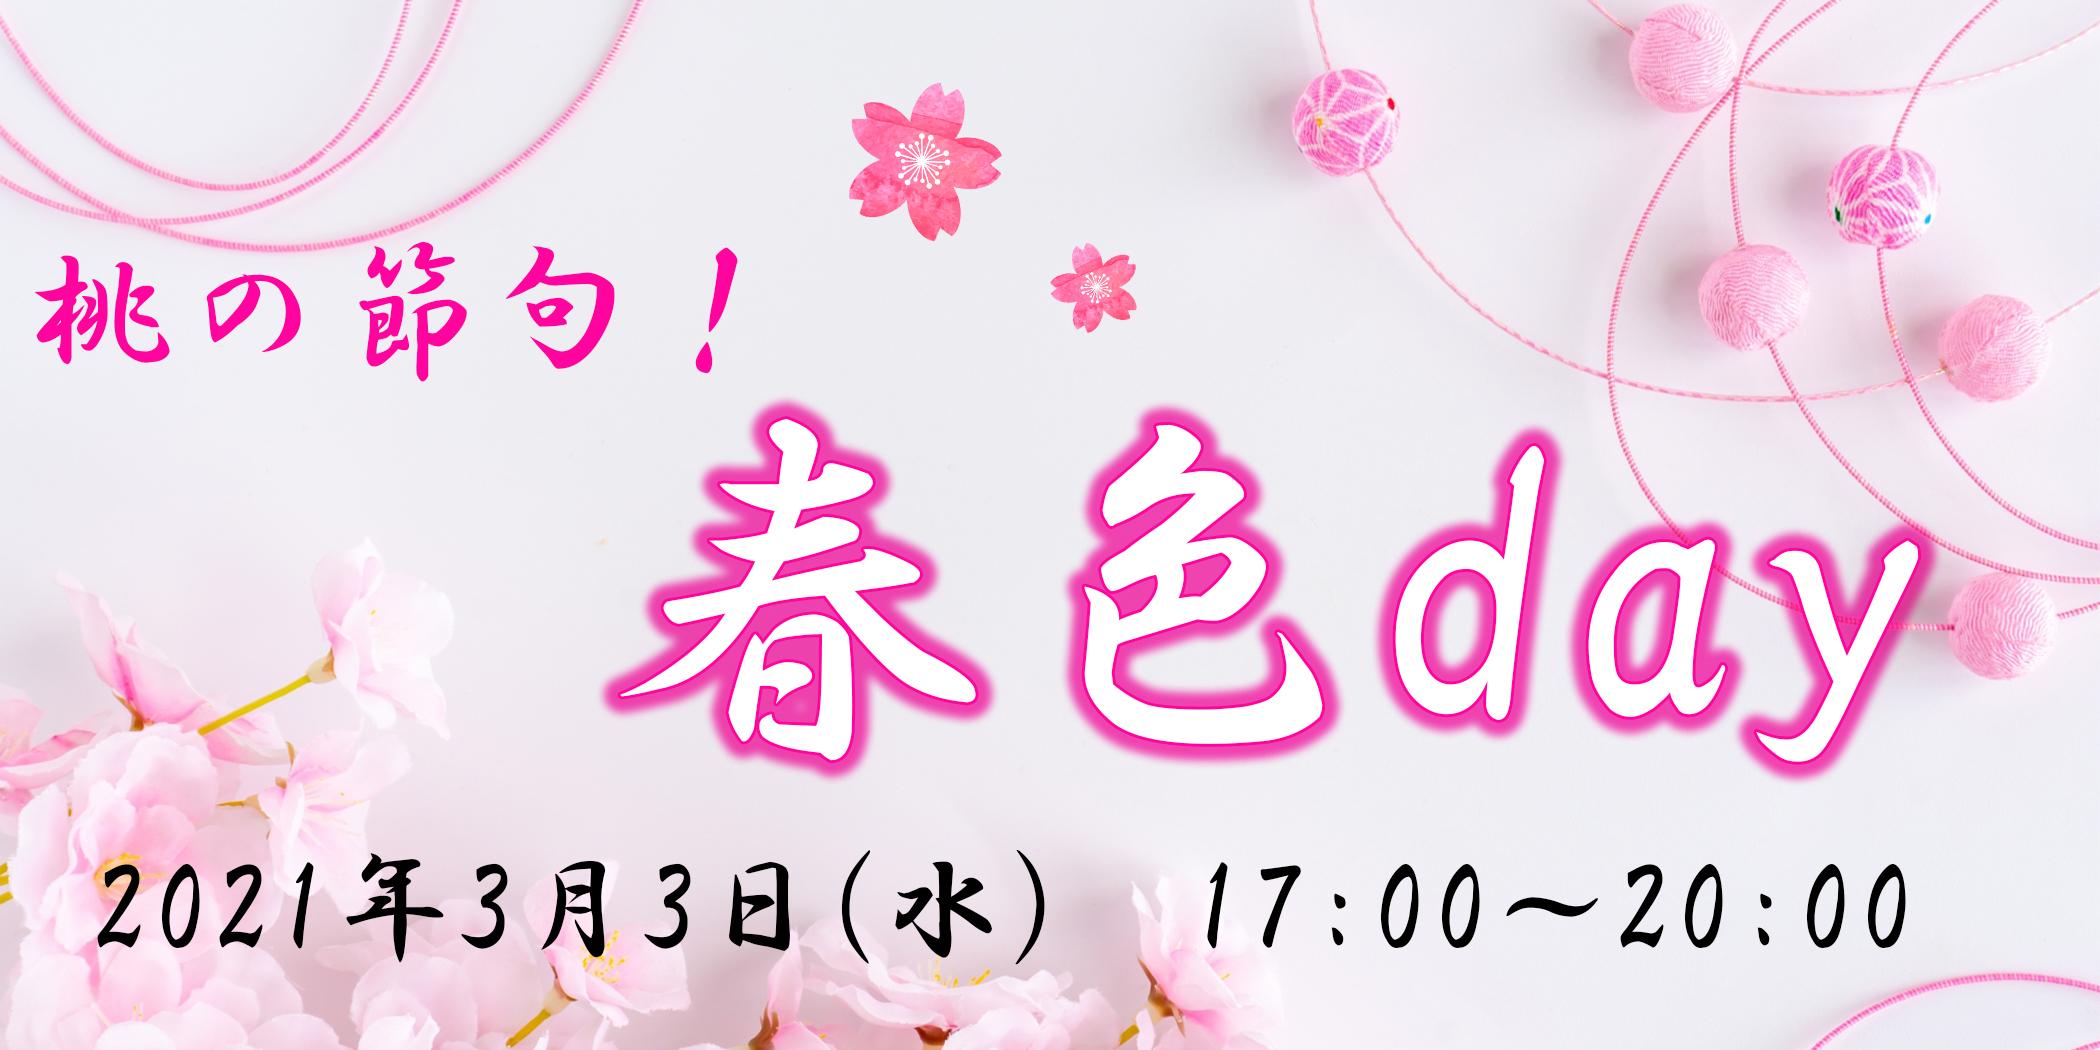 桃の節句!春色day